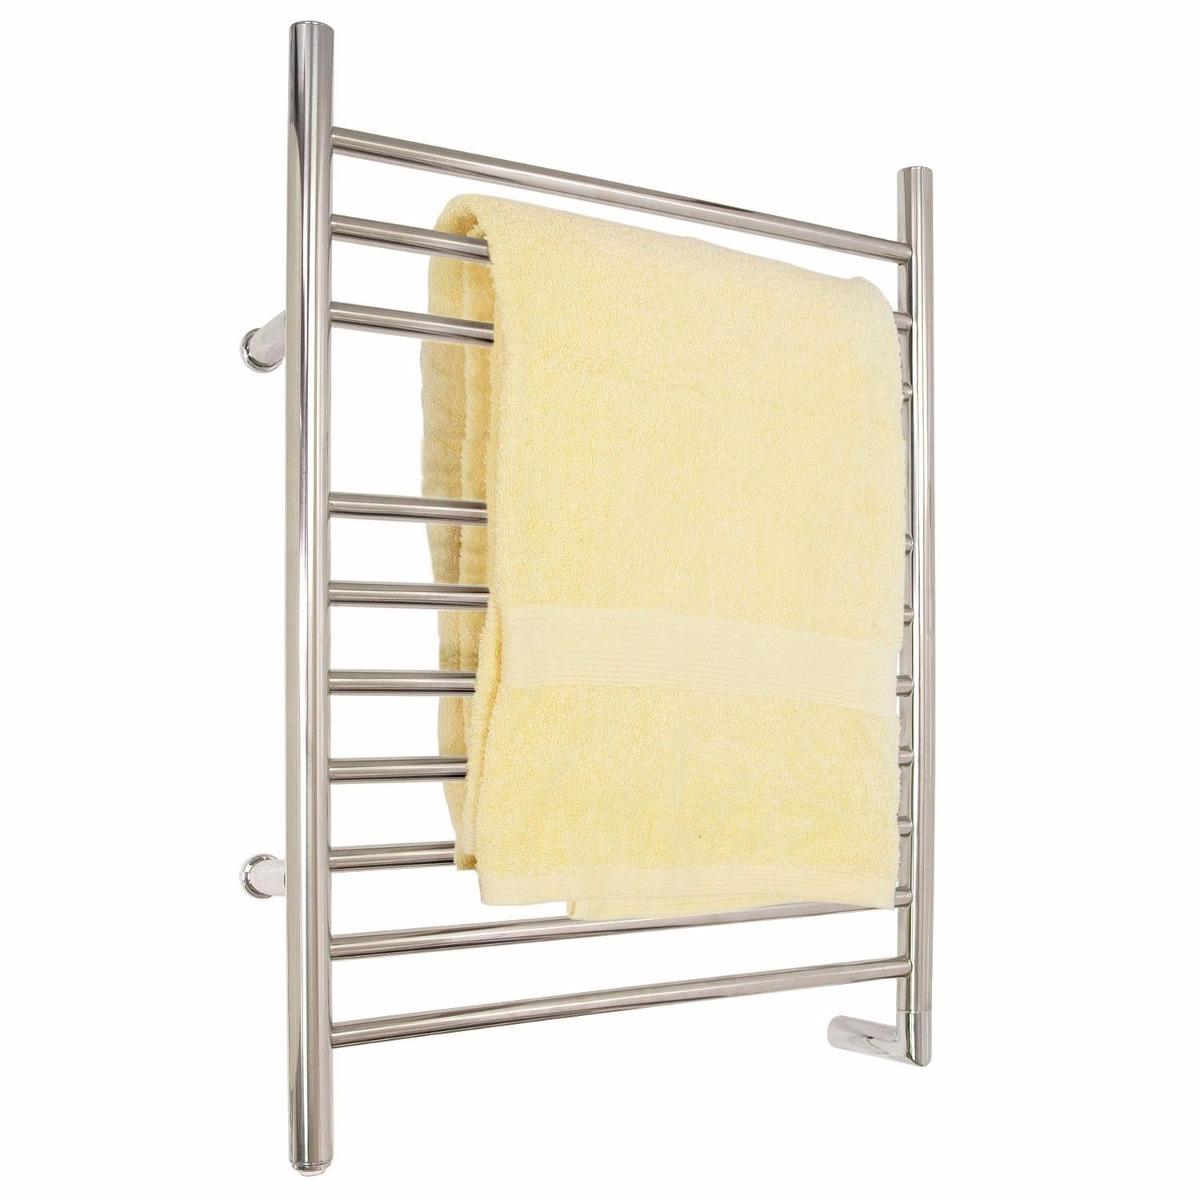 calentador de toallas electrico moderno de acero